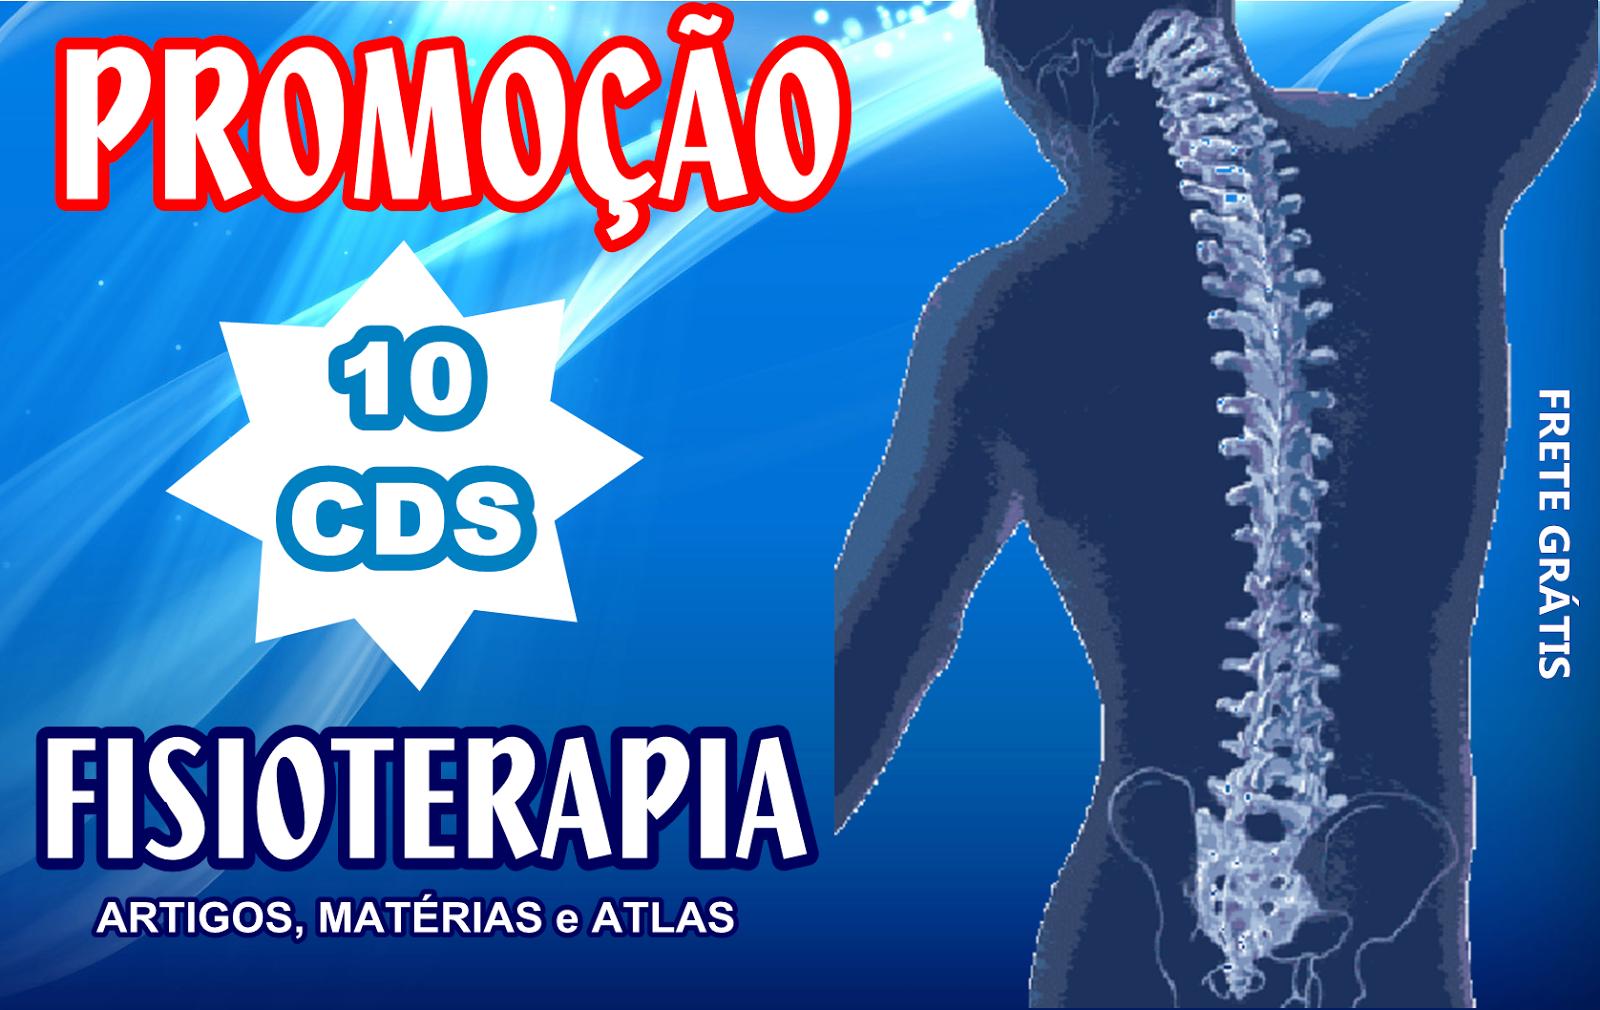 Promoção Kit 10 cds de Fisioterapia - Completo!